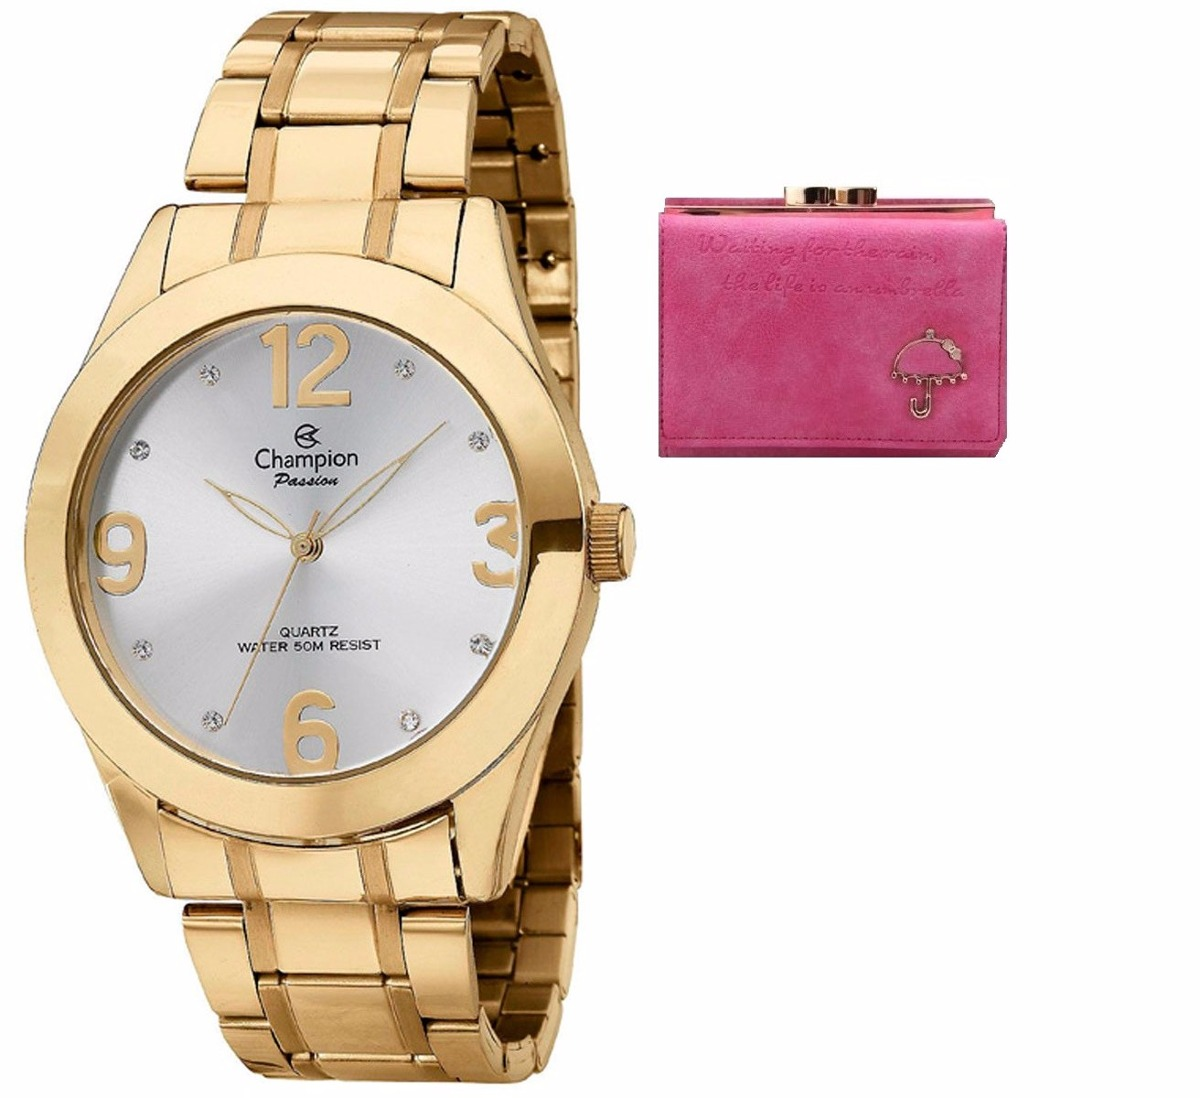 4a6f837a0ee relógio feminino champion passion ouro + carteira feminina. Carregando zoom.